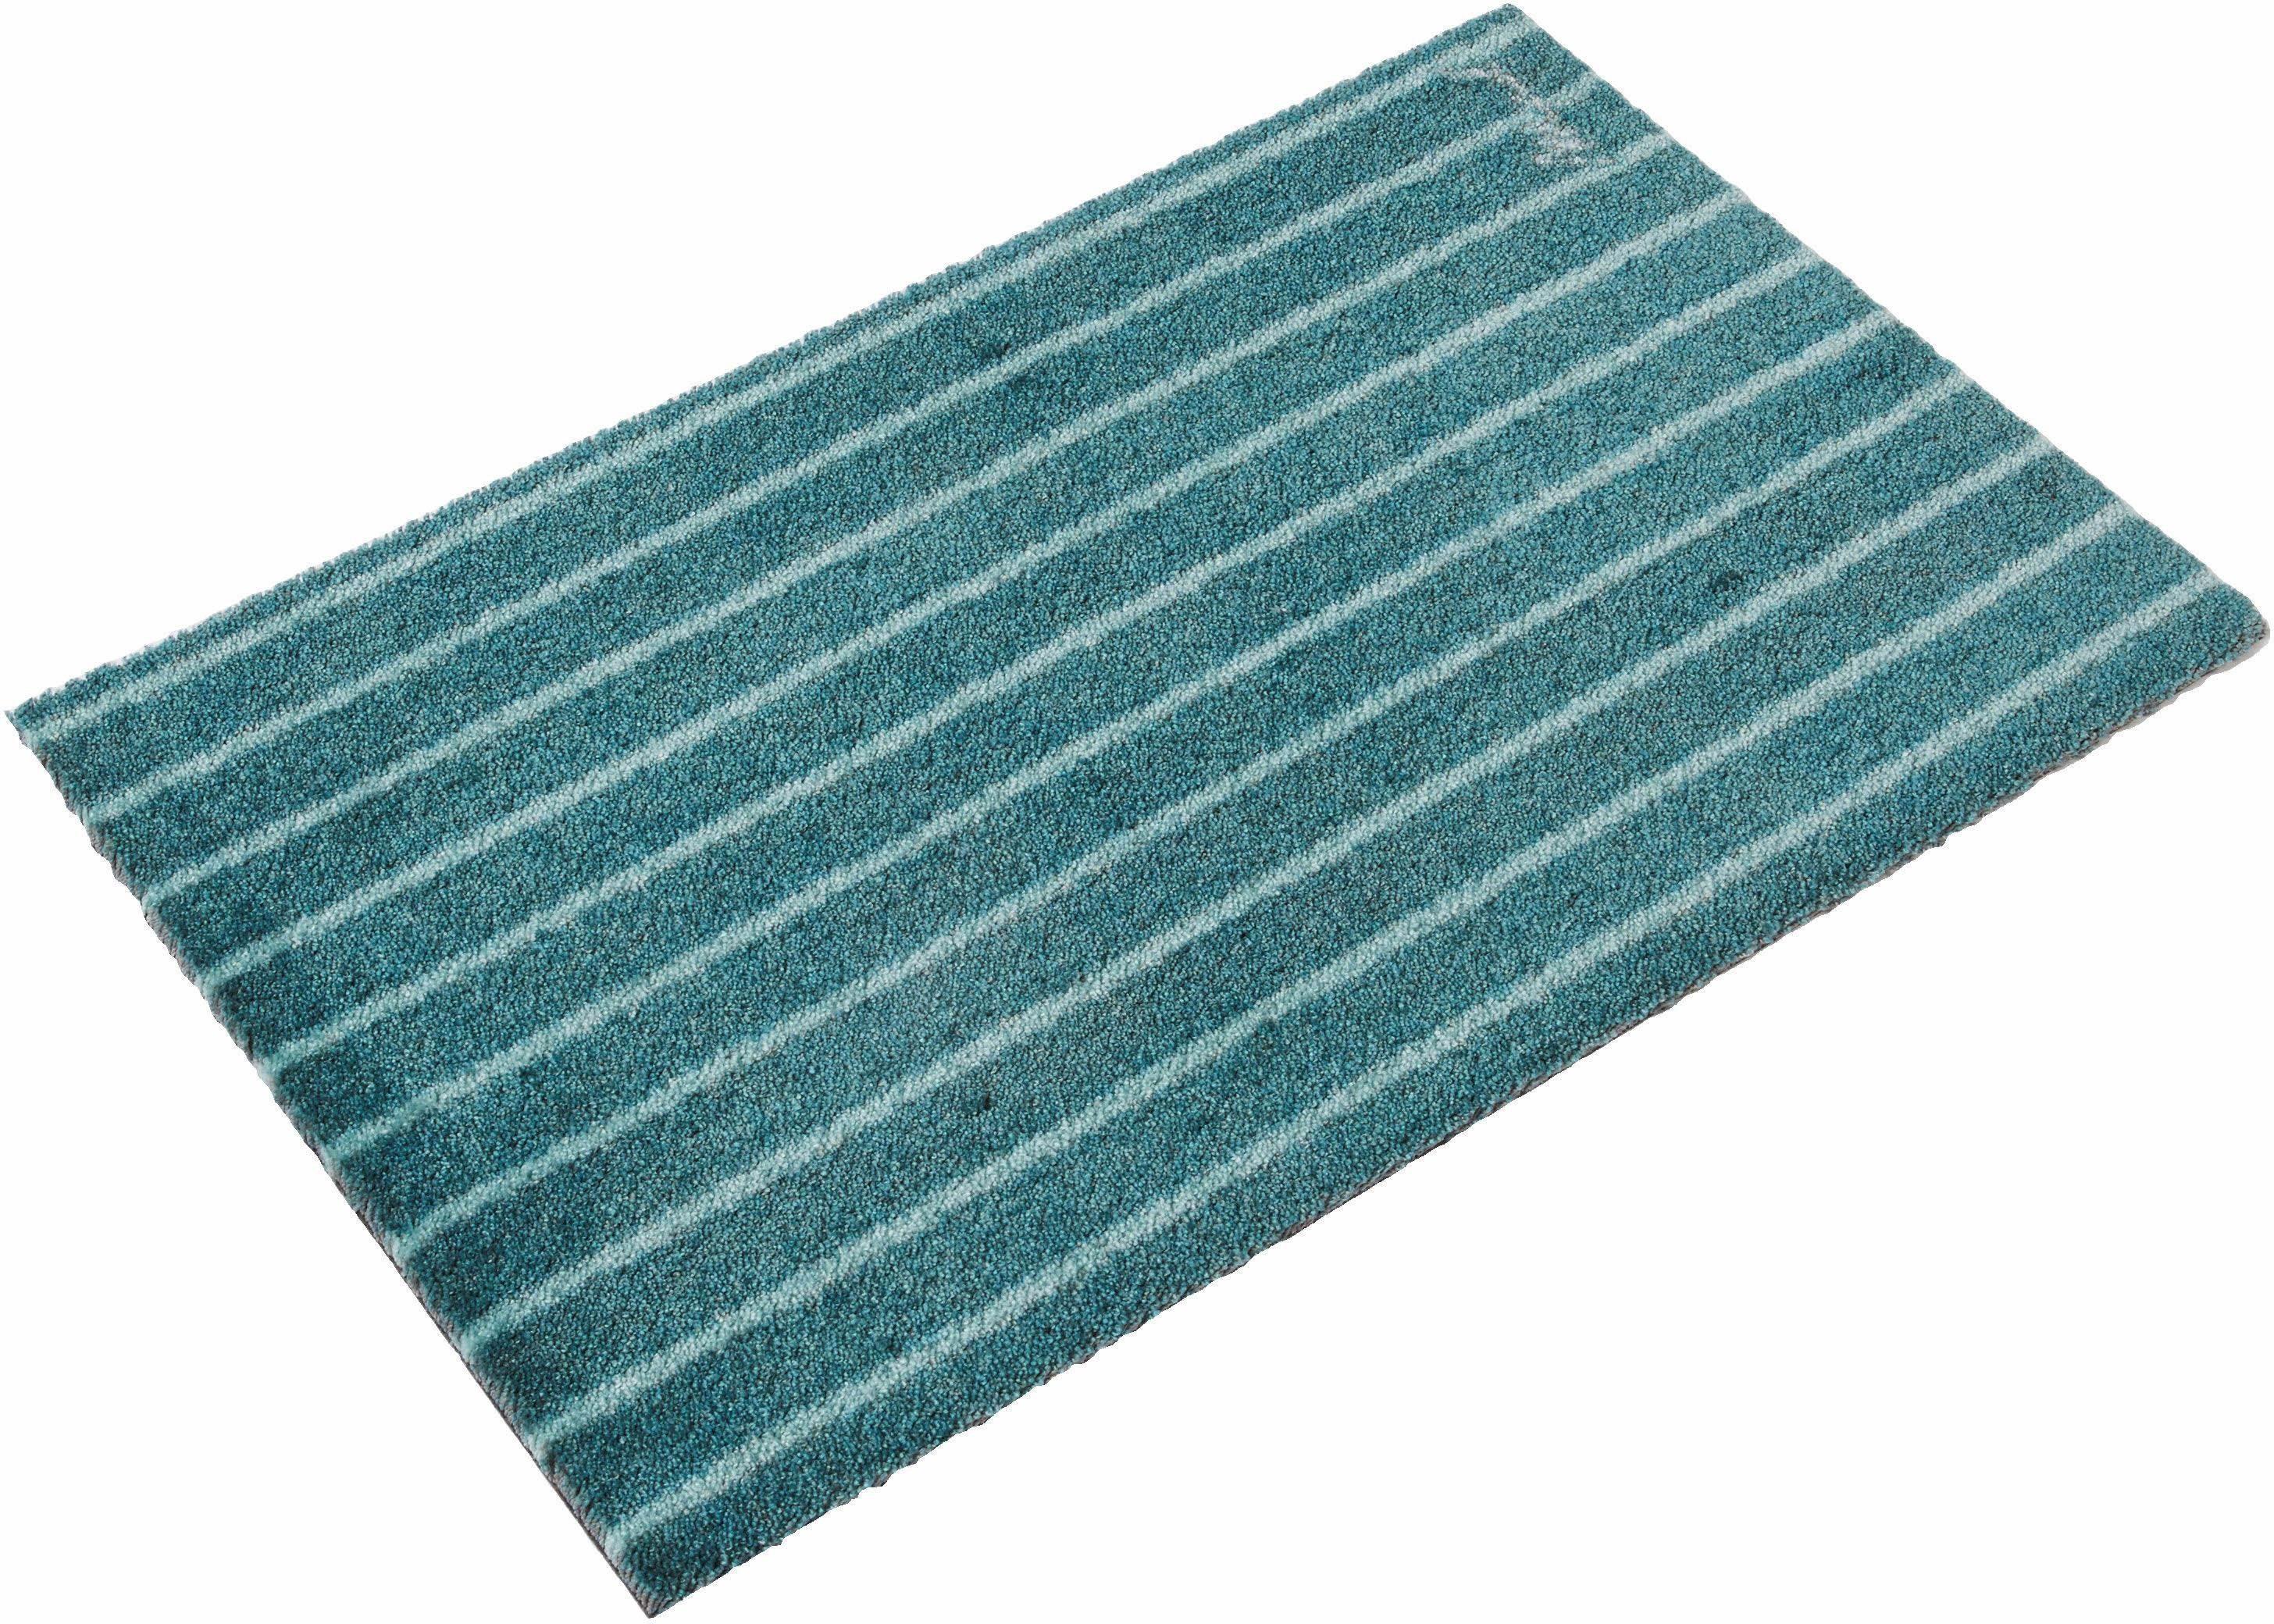 Teppich »Sonny«, Mad about Mats, rechteckig, Höhe 9 mm, waschbar